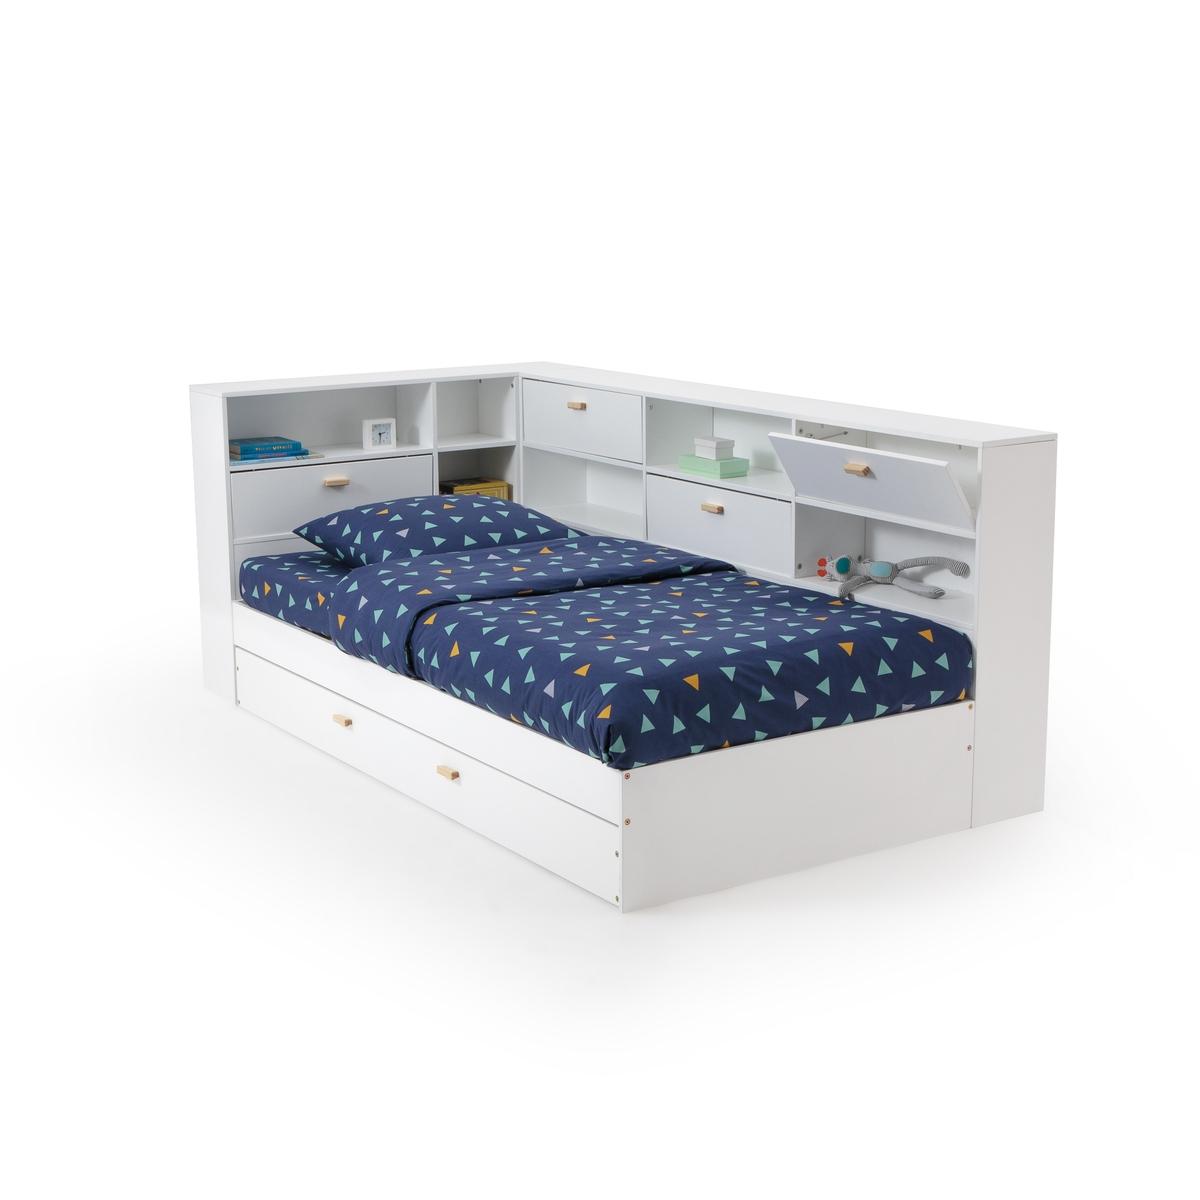 Кровать LaRedoute С ящиком полками и кроватным основанием 90 x 190 см белый кровать laredoute с ящиком отделениями для вещей и кроватным основанием yann 90 x 190 см белый